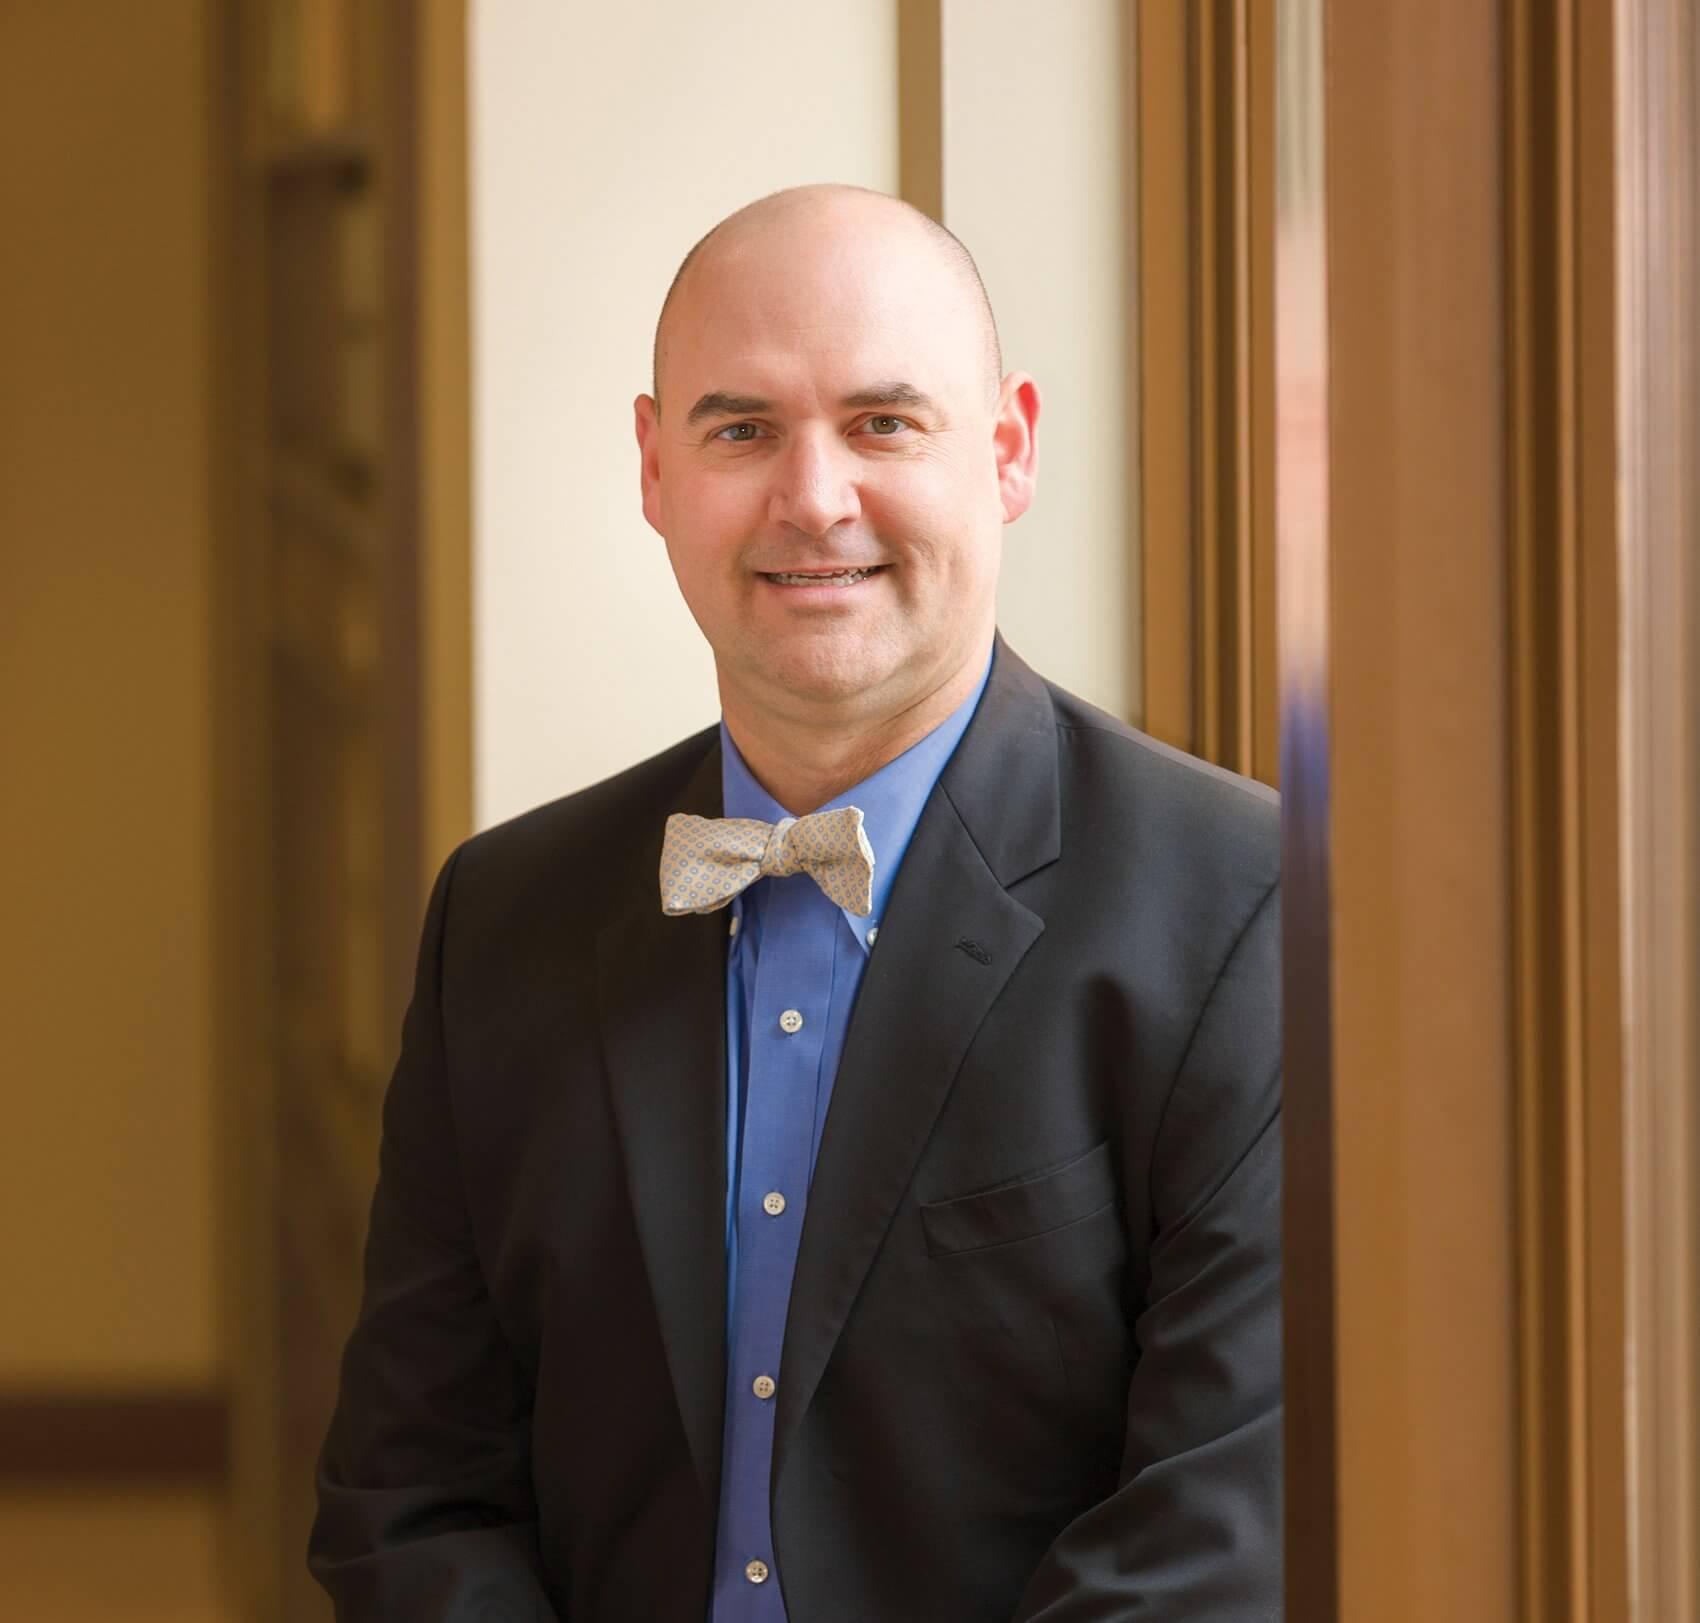 Blake Haren, Meninger Clinic